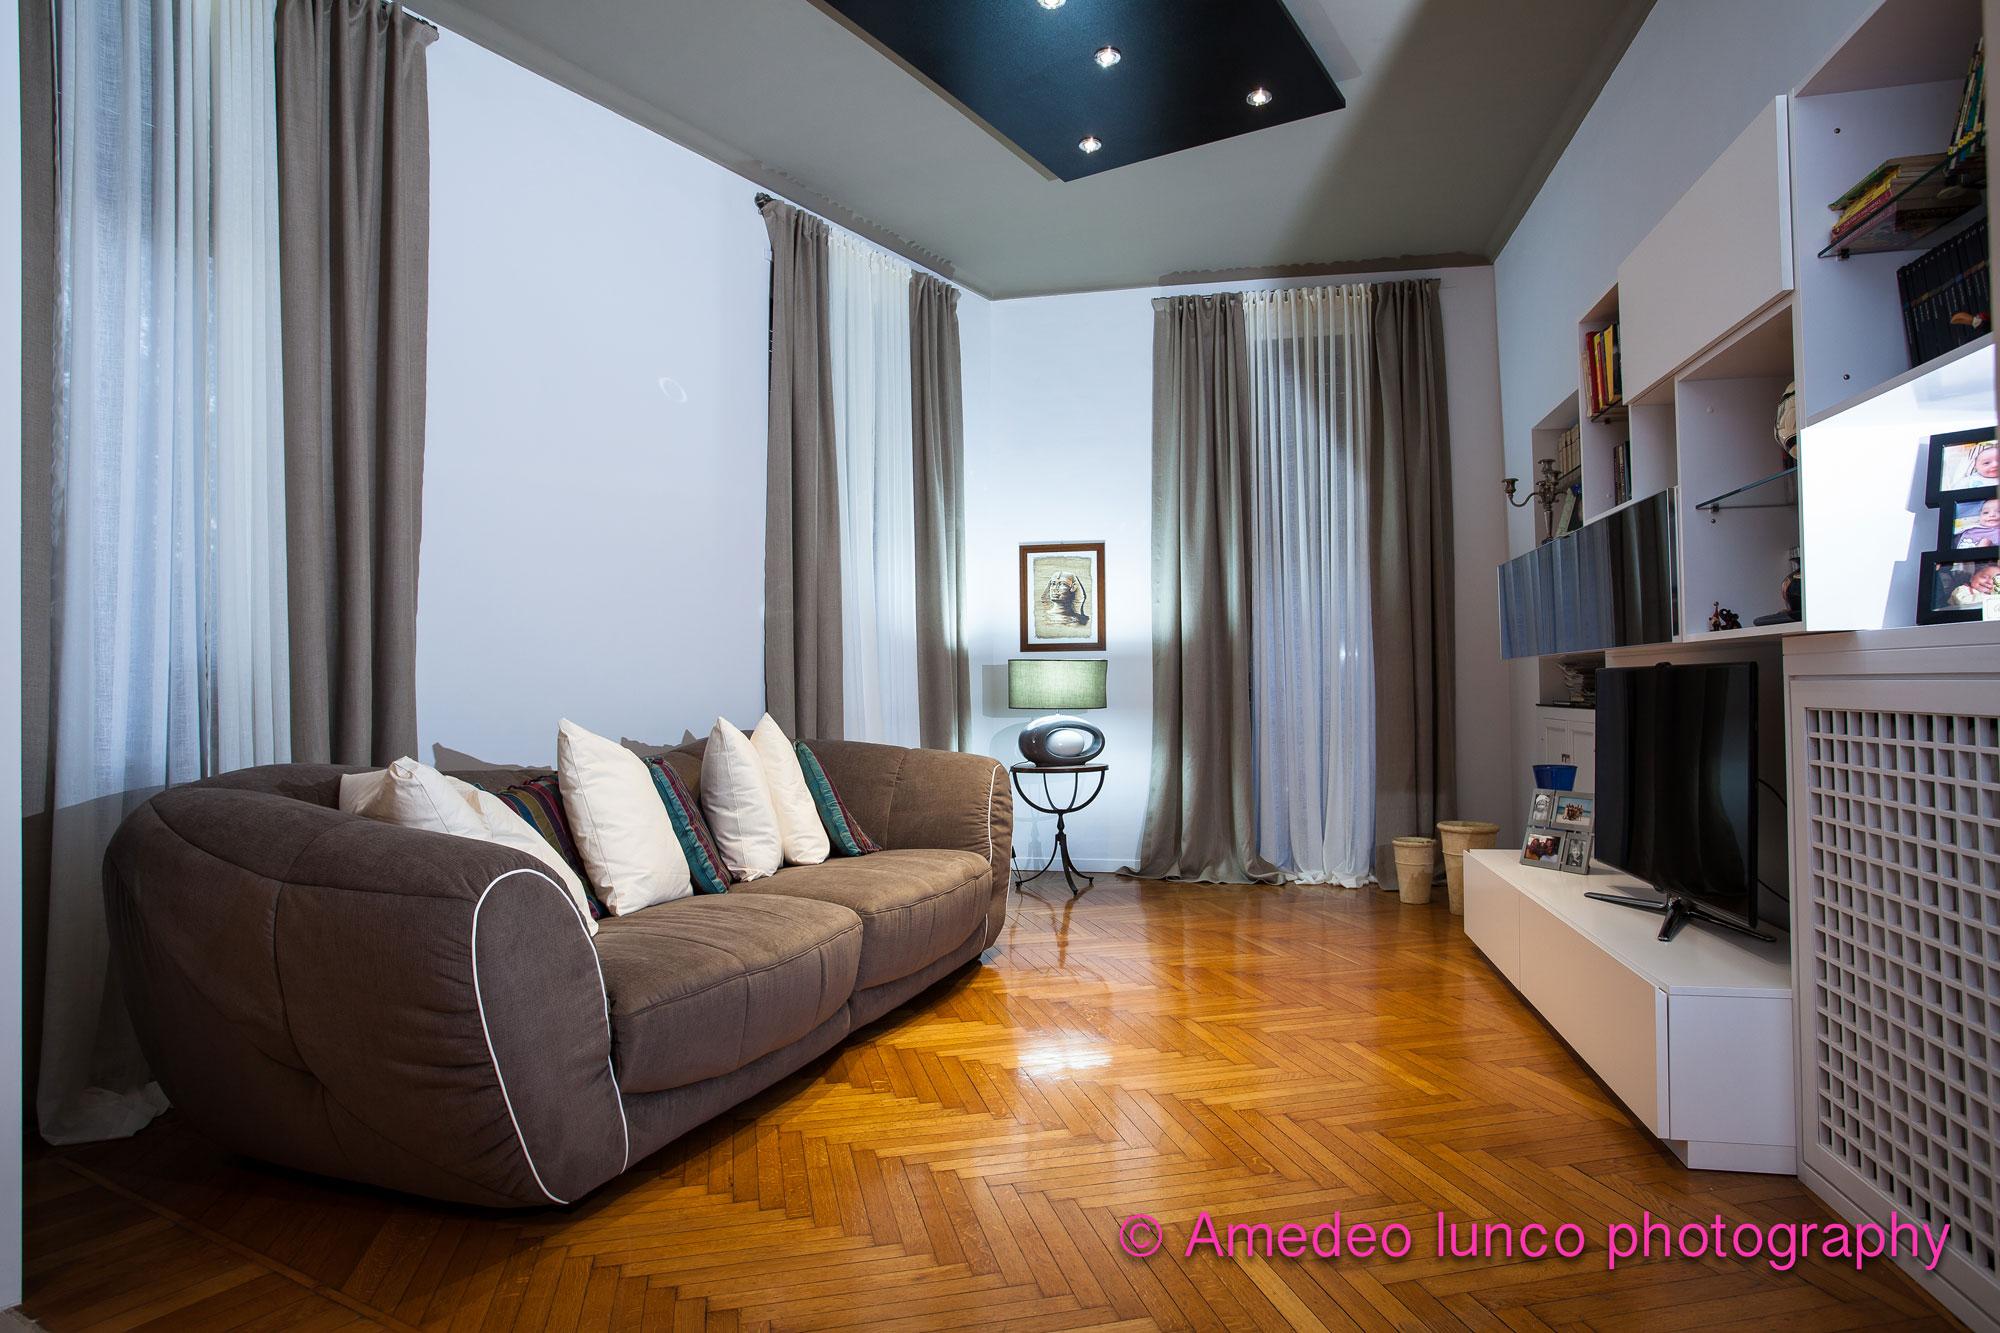 Tracce design studio interior design torino - Interior design torino ...